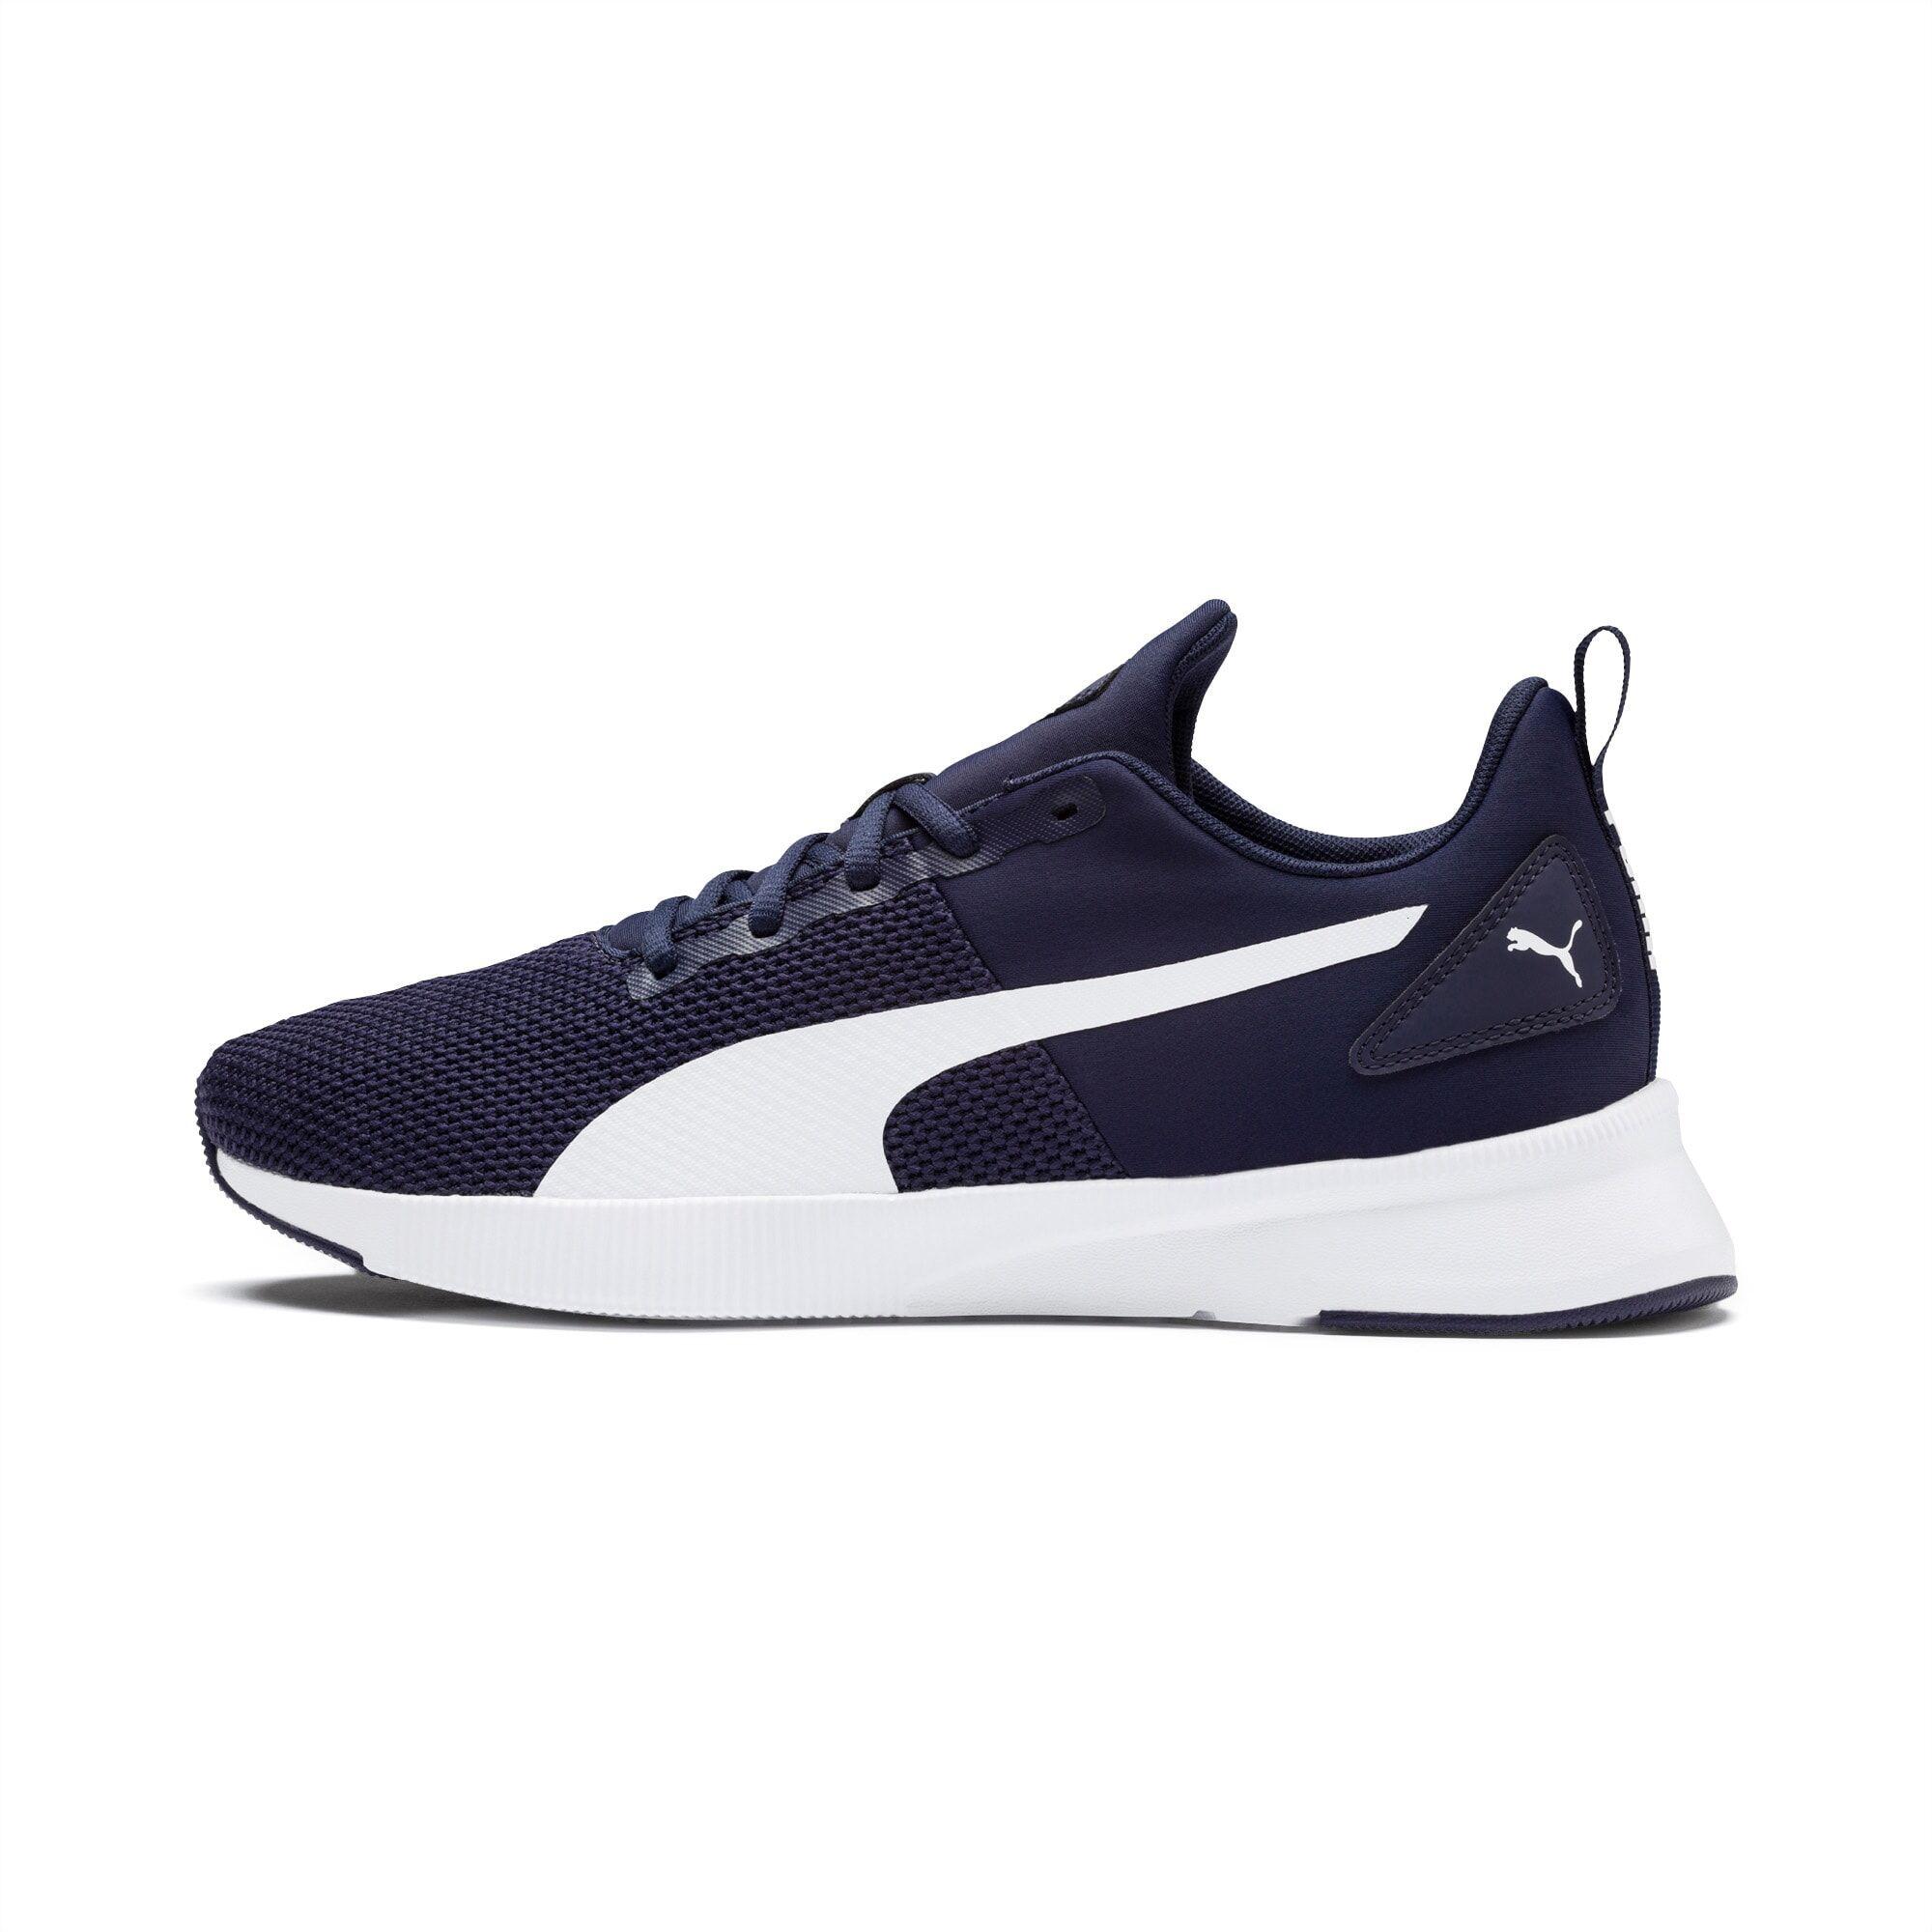 PUMA Chaussure de course Flyer Runner, Bleu/Blanc, Taille 40.5, Chaussures